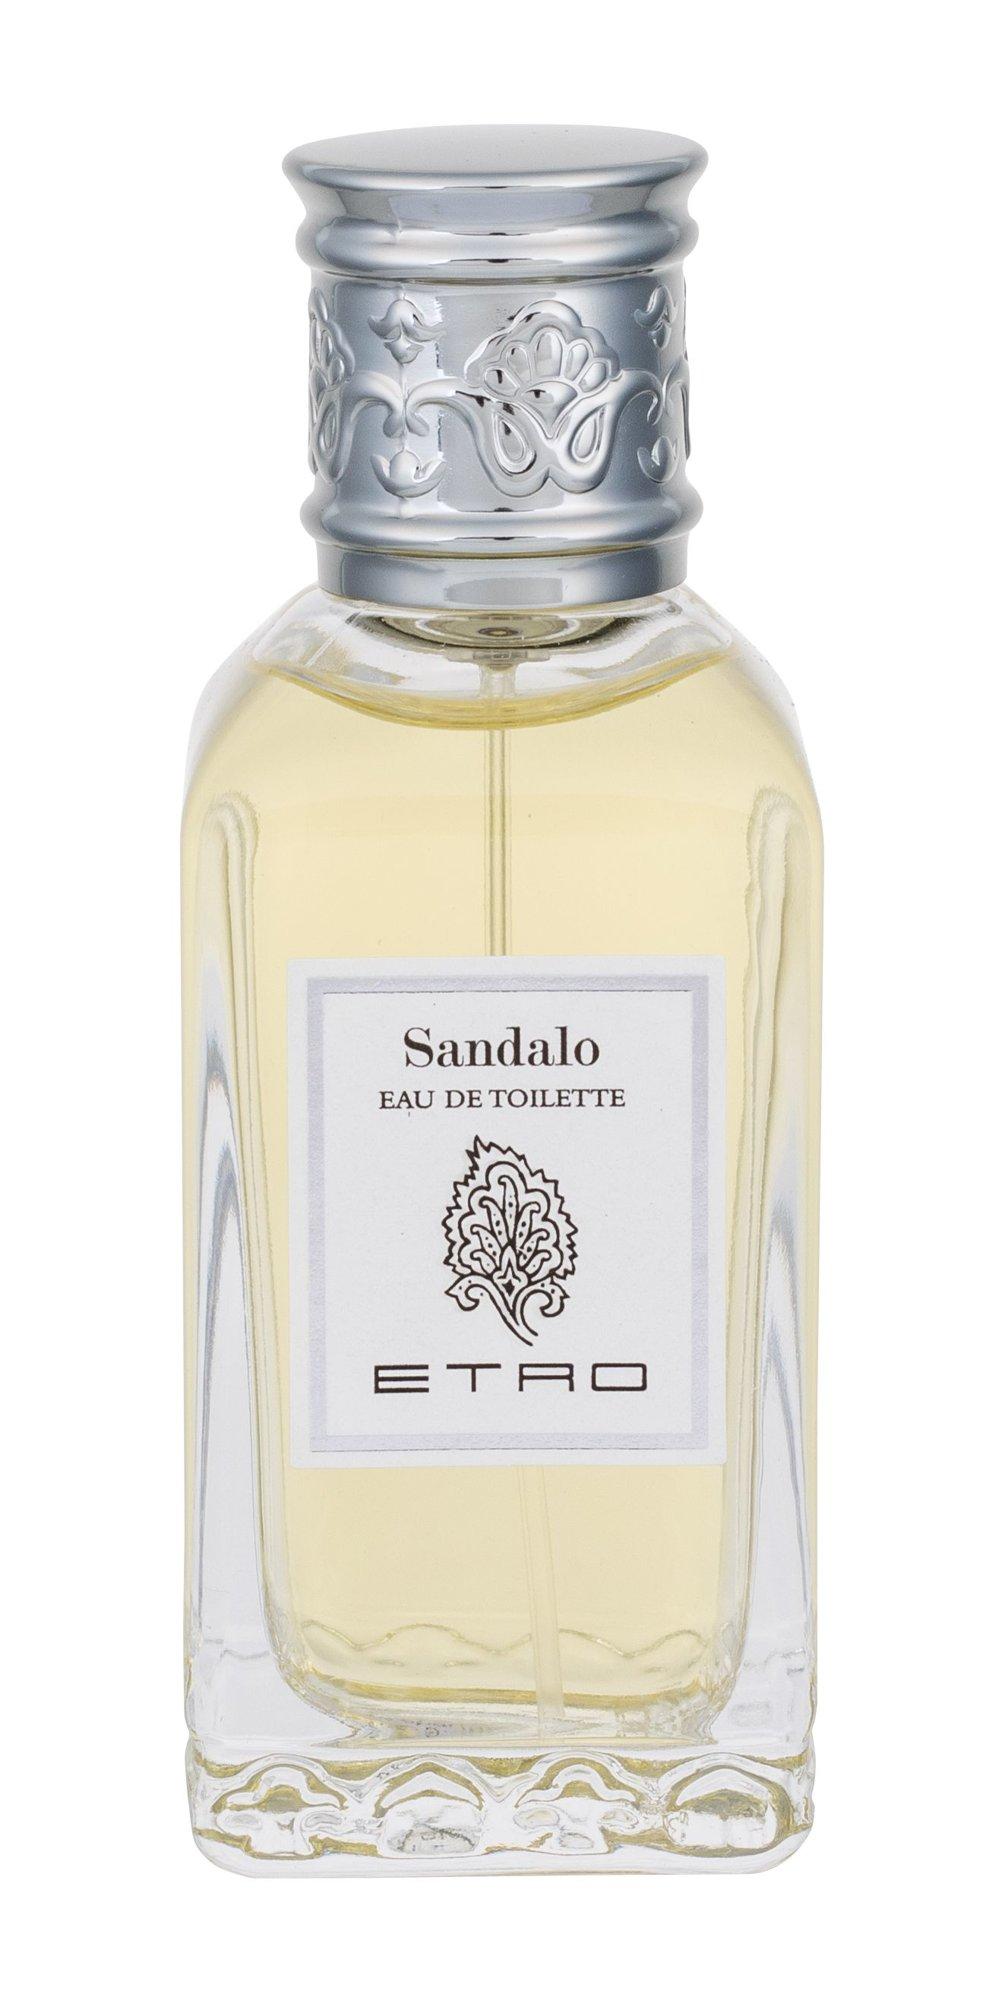 ETRO Sandalo EDT 50ml